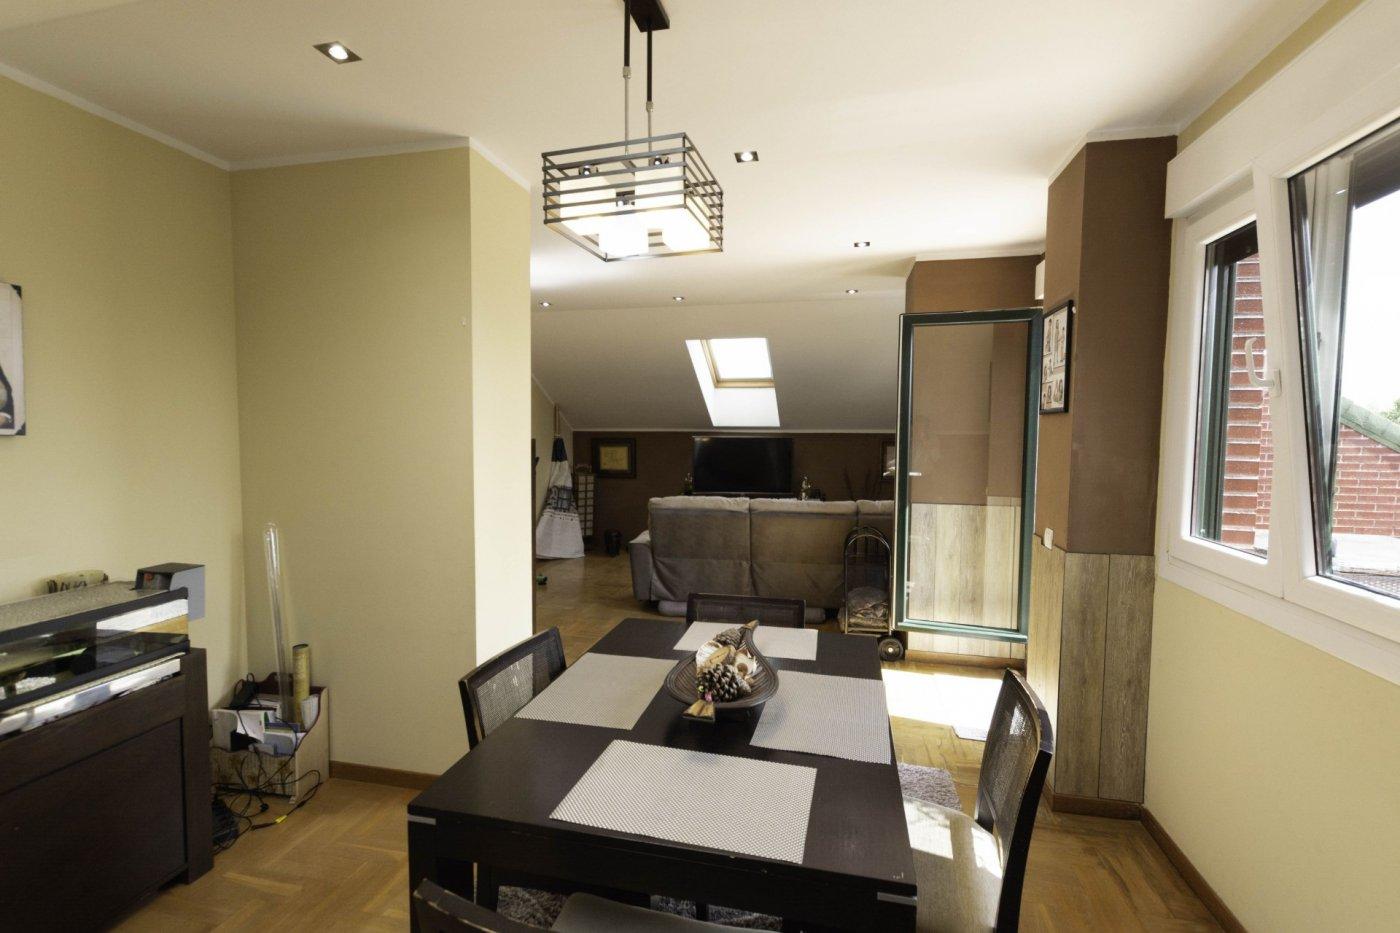 Ático con terraza de 11 m2, a 2 km de salinas - imagenInmueble6